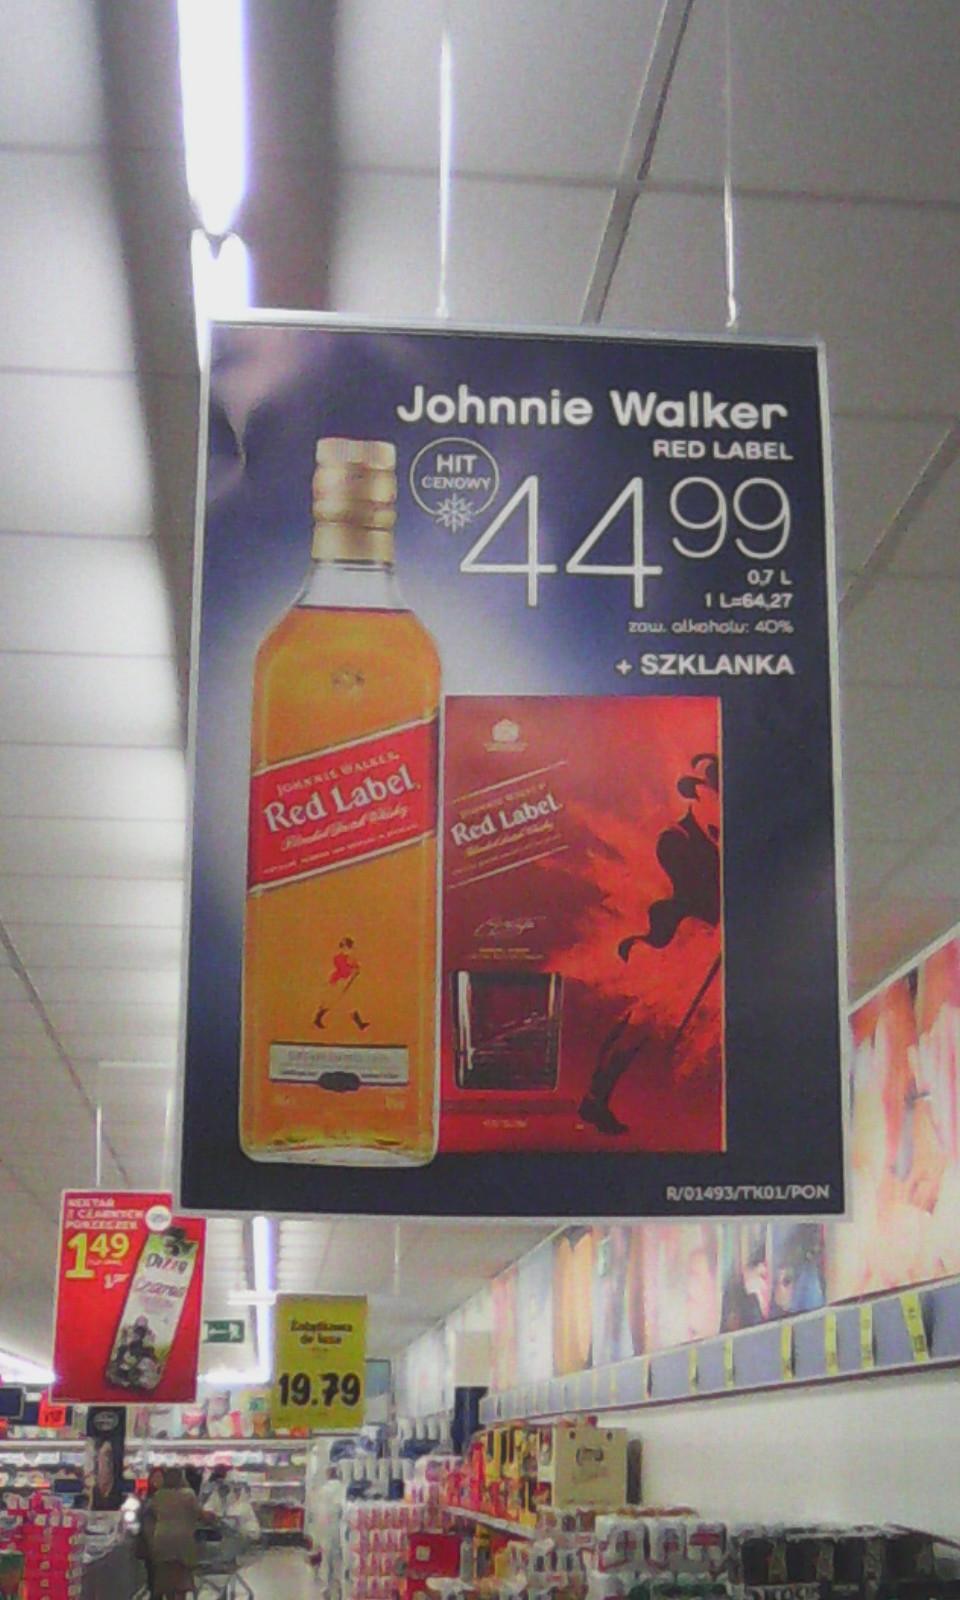 Johnnie Walker czerwony plus szklanka za 44,99 zł @ Lidl